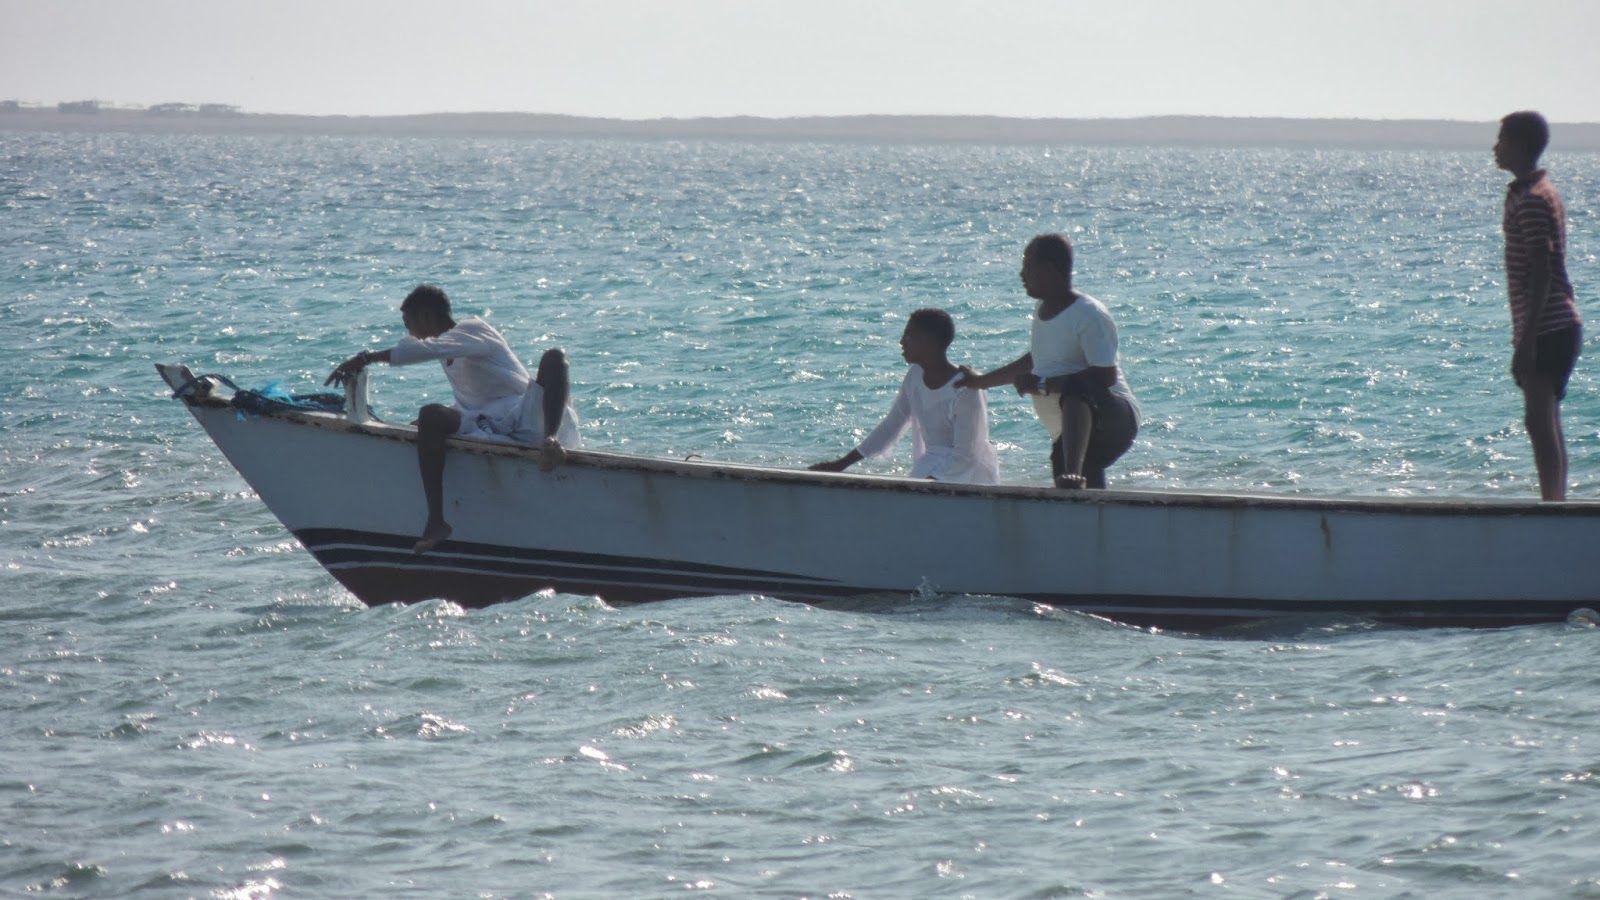 صيادين السمك البوم صور رحلة راس بناس Places To Visit Visiting Boat